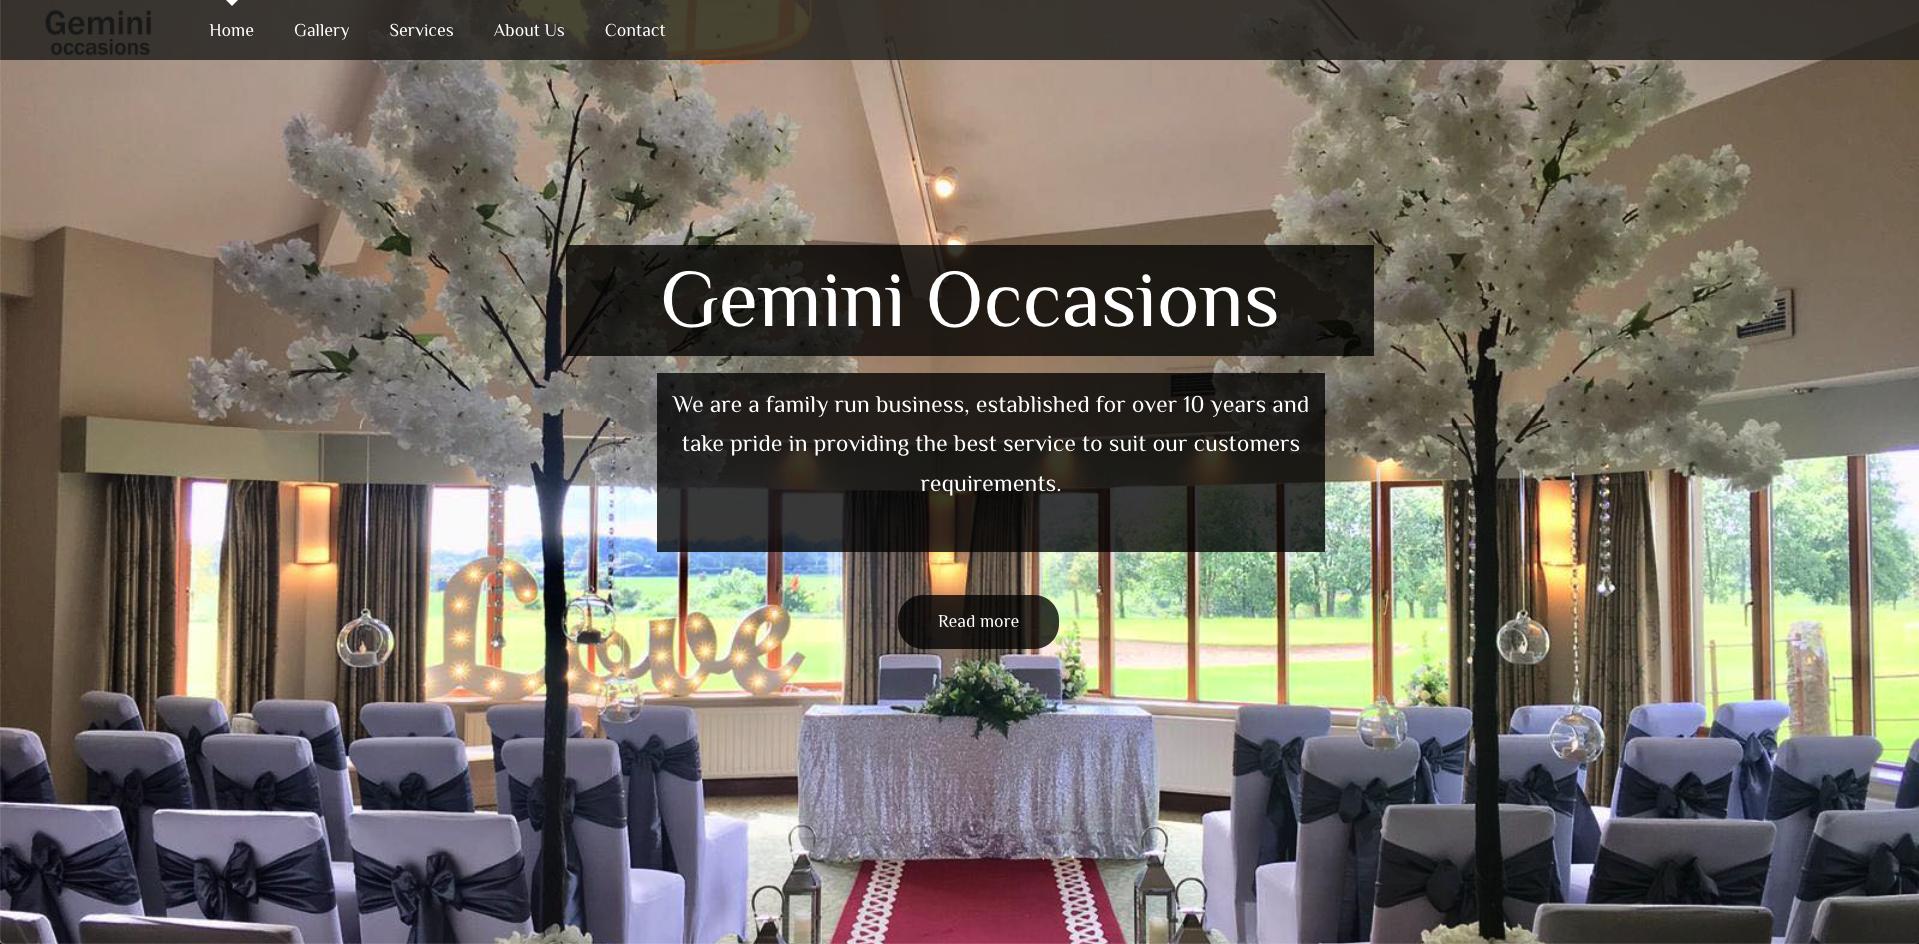 Gemini Occasions